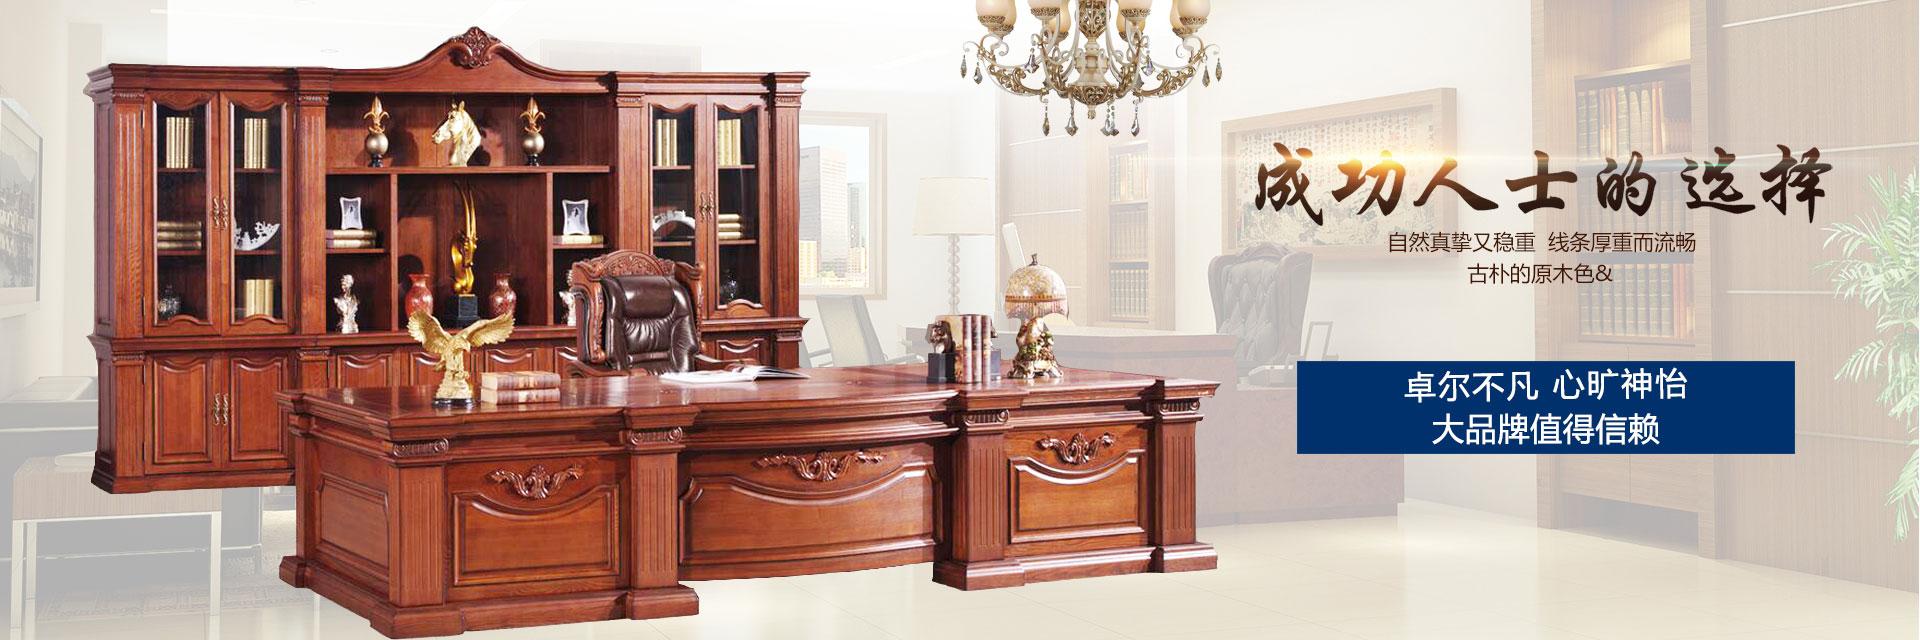 济南卓怡家具公司实木家具、纯实木办公家具产品有纯实木茶几、现代办公家具、纯实木办公系列产品、实木班台、纯实木茶水柜、纯实木沙发、实木文件柜等。